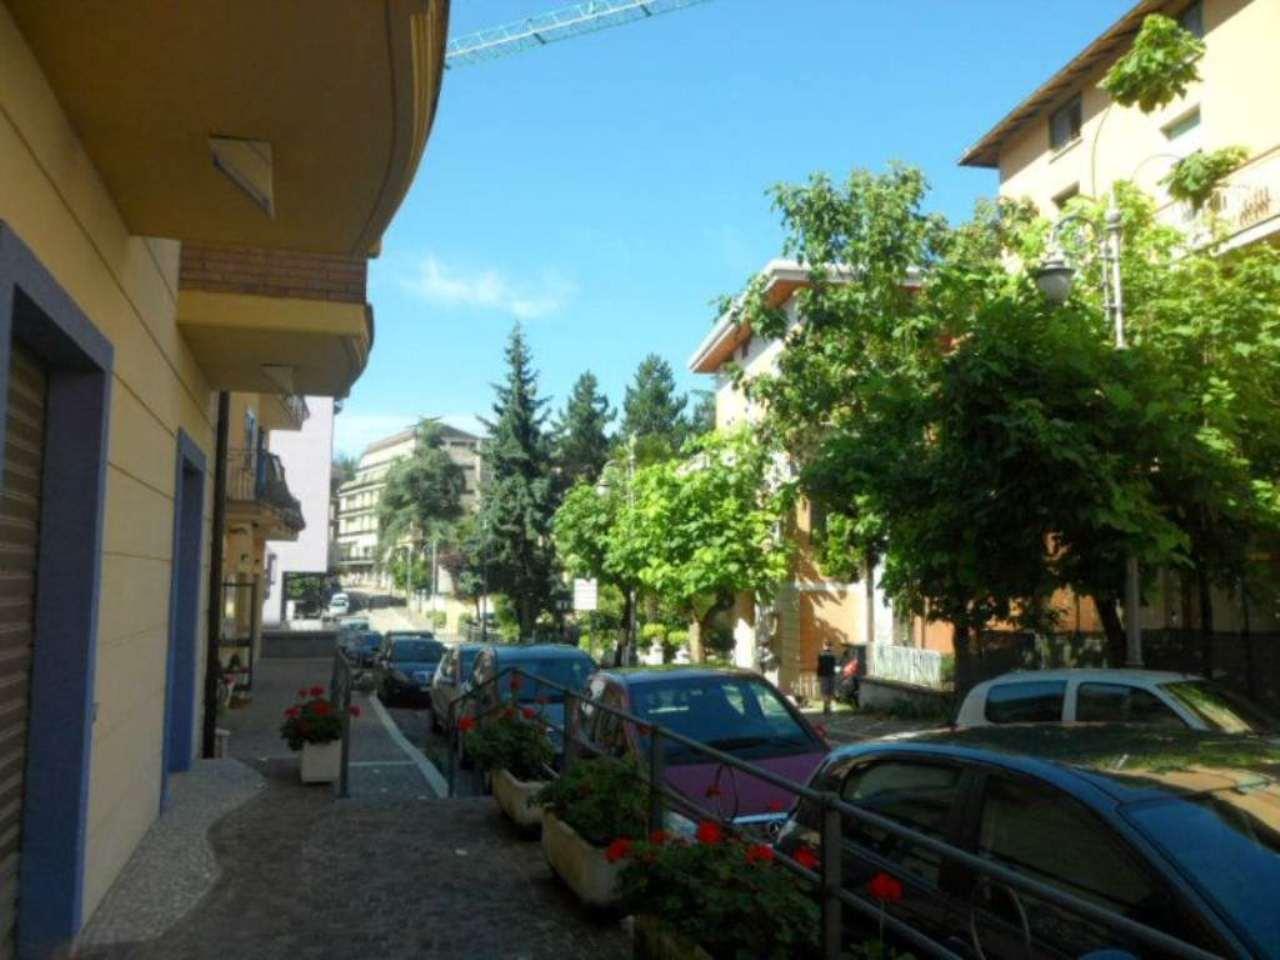 Negozio / Locale in affitto a Fiuggi, 2 locali, prezzo € 350 | Cambio Casa.it